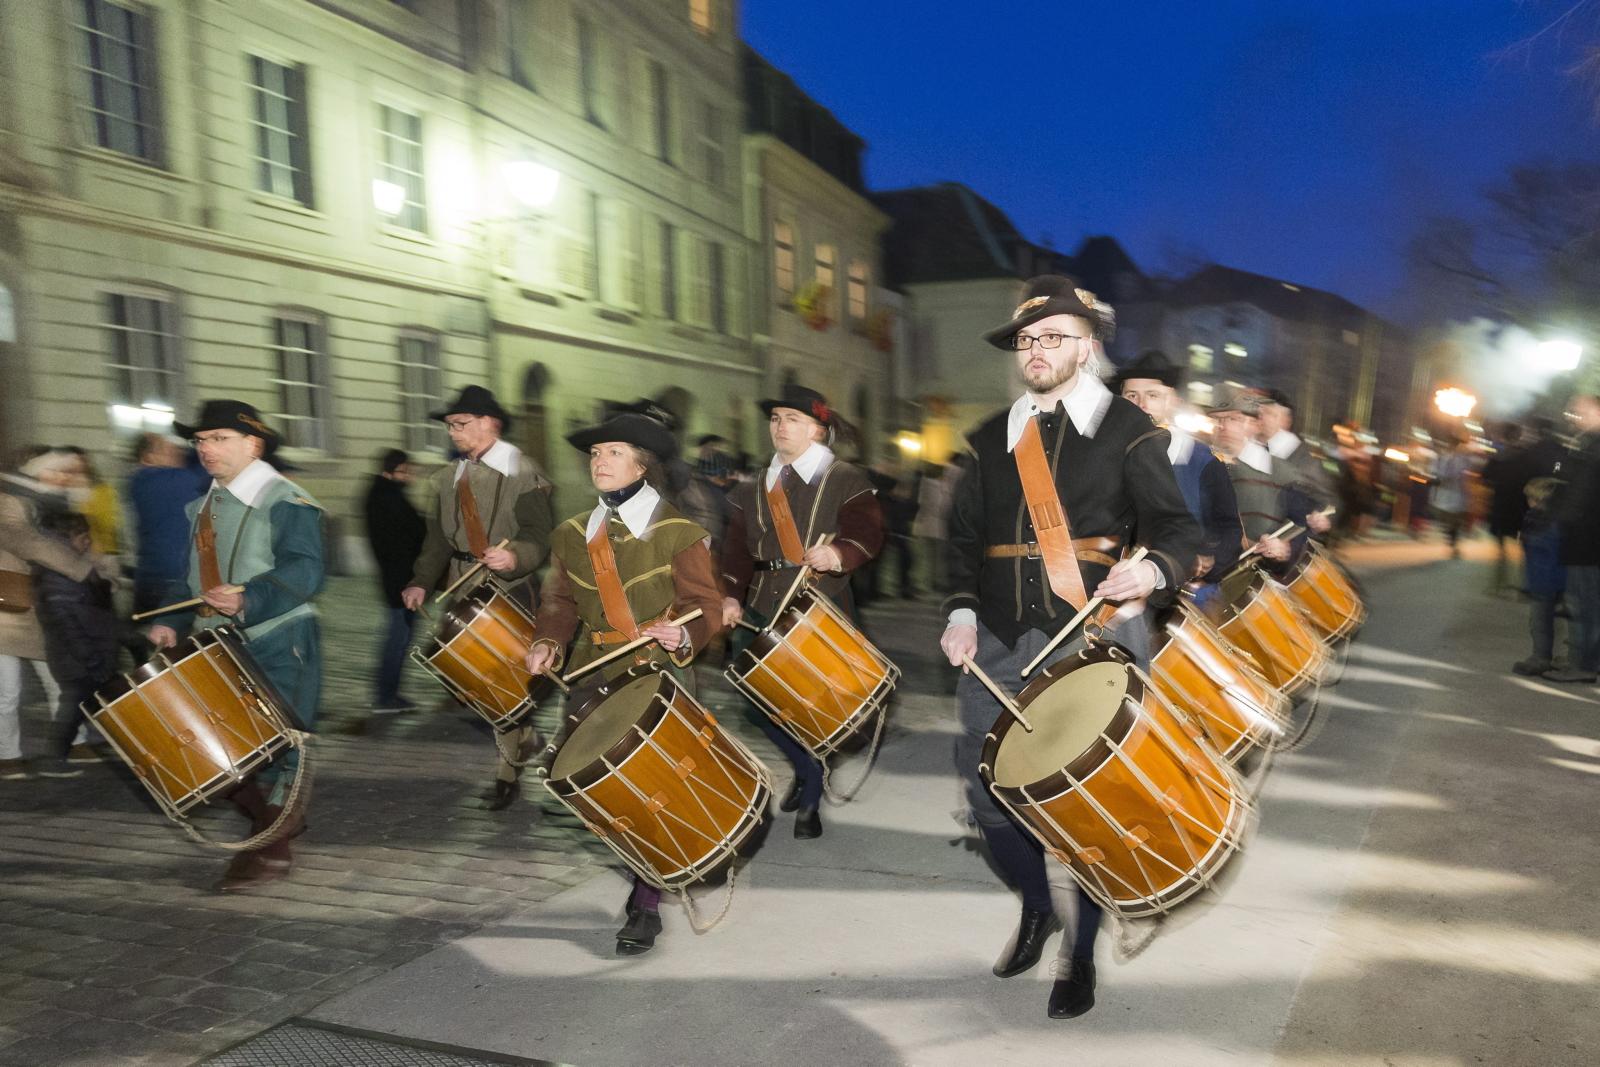 Członkowie stowarzyszenia Compagnie 1602 odtwarzają paradę w czasie rocznicy demonstracji Fete de l'Escalade w mieście Genewa, Szwajcara.